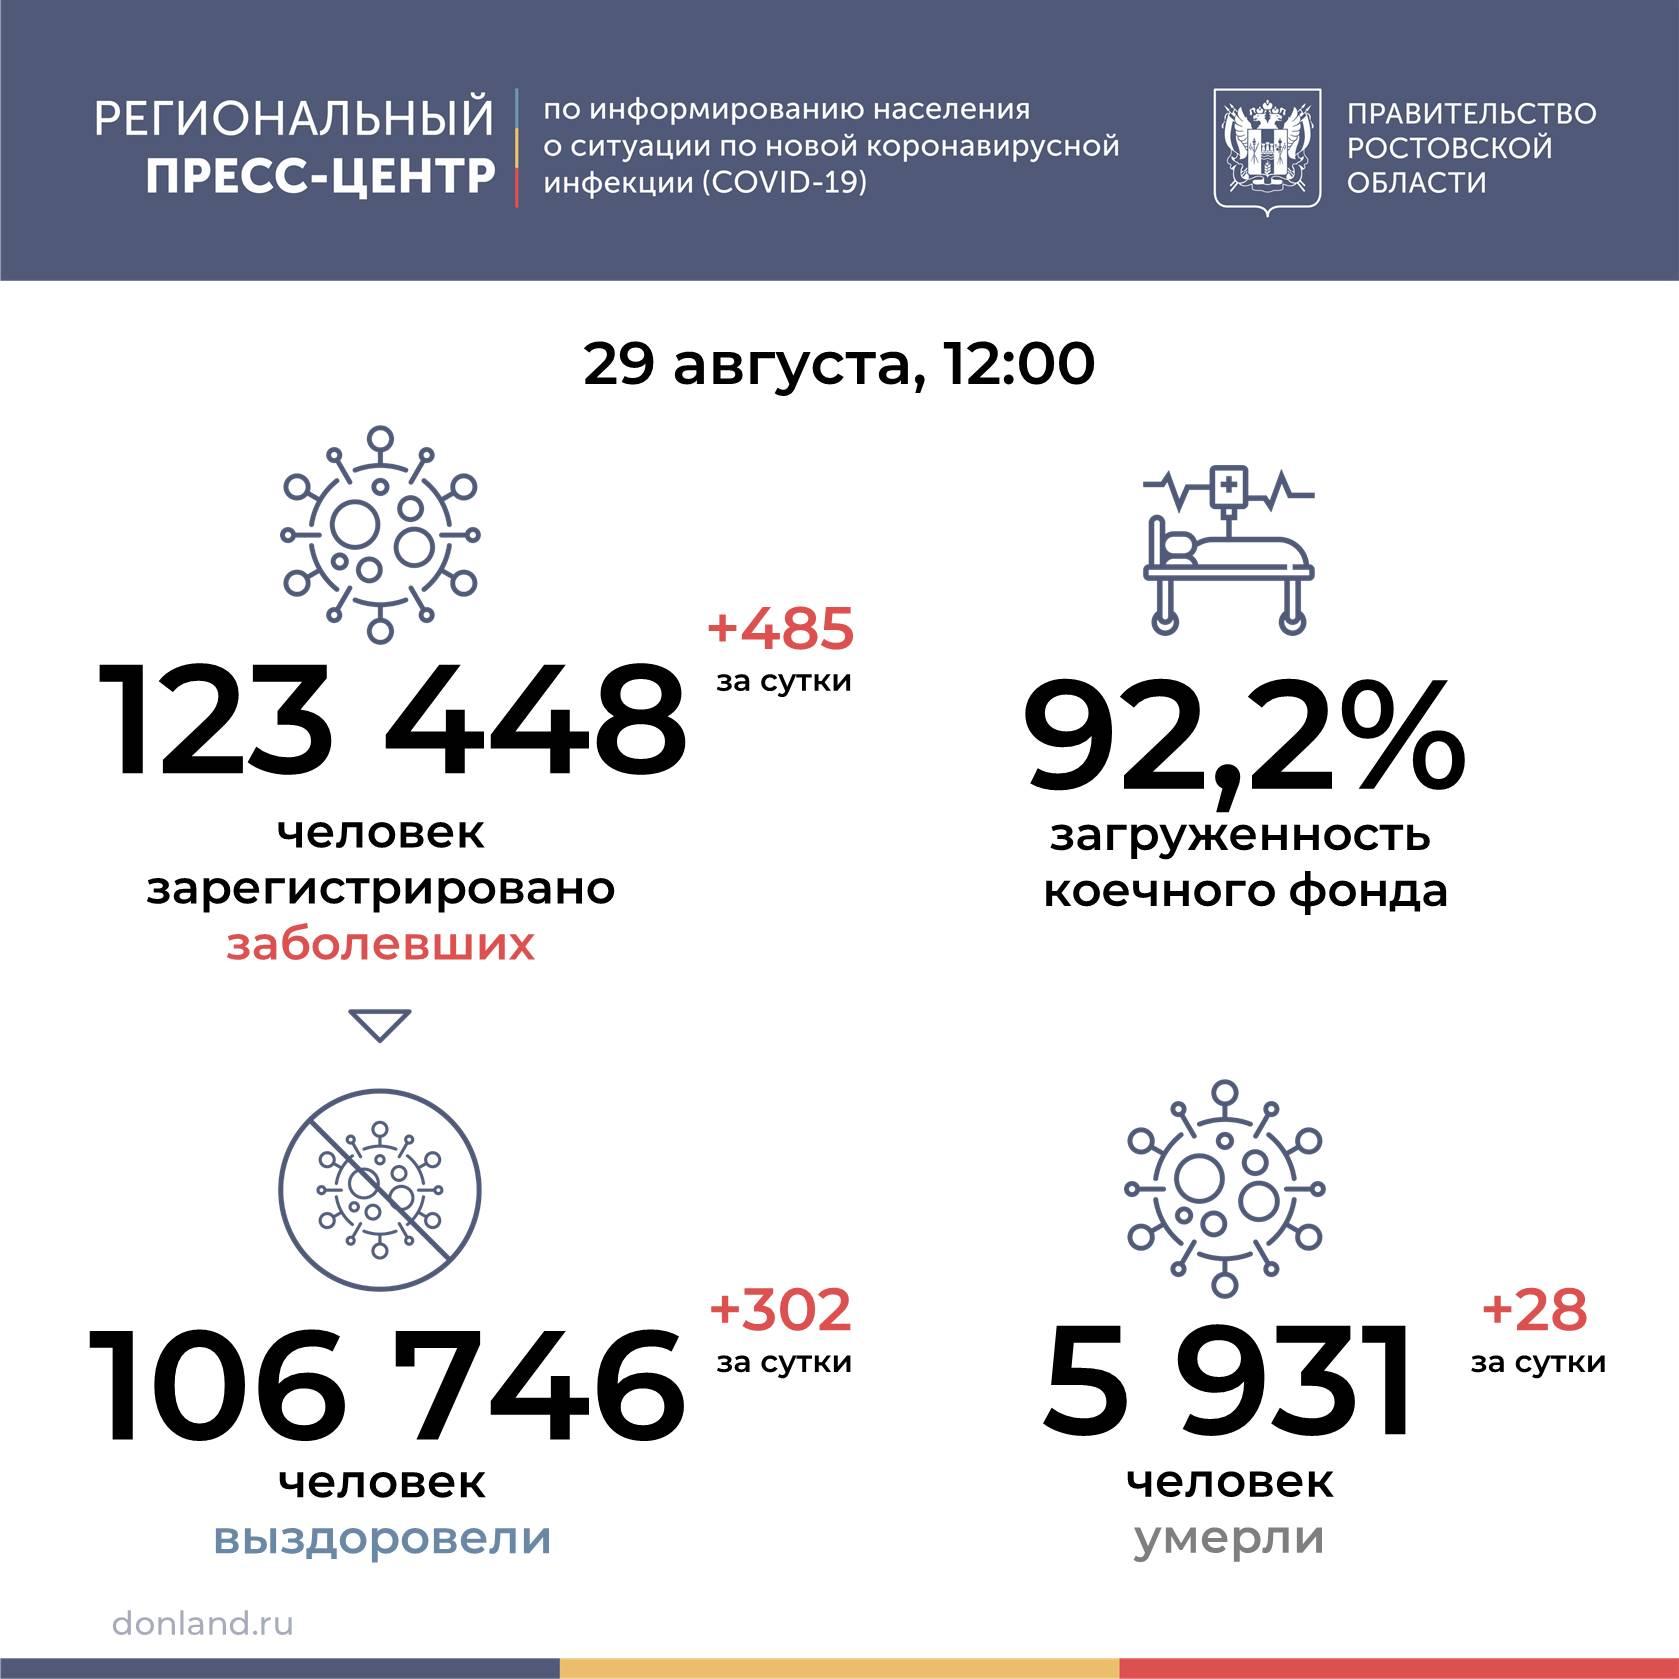 В Ростовской области от COVID-19 умерли 28 человек